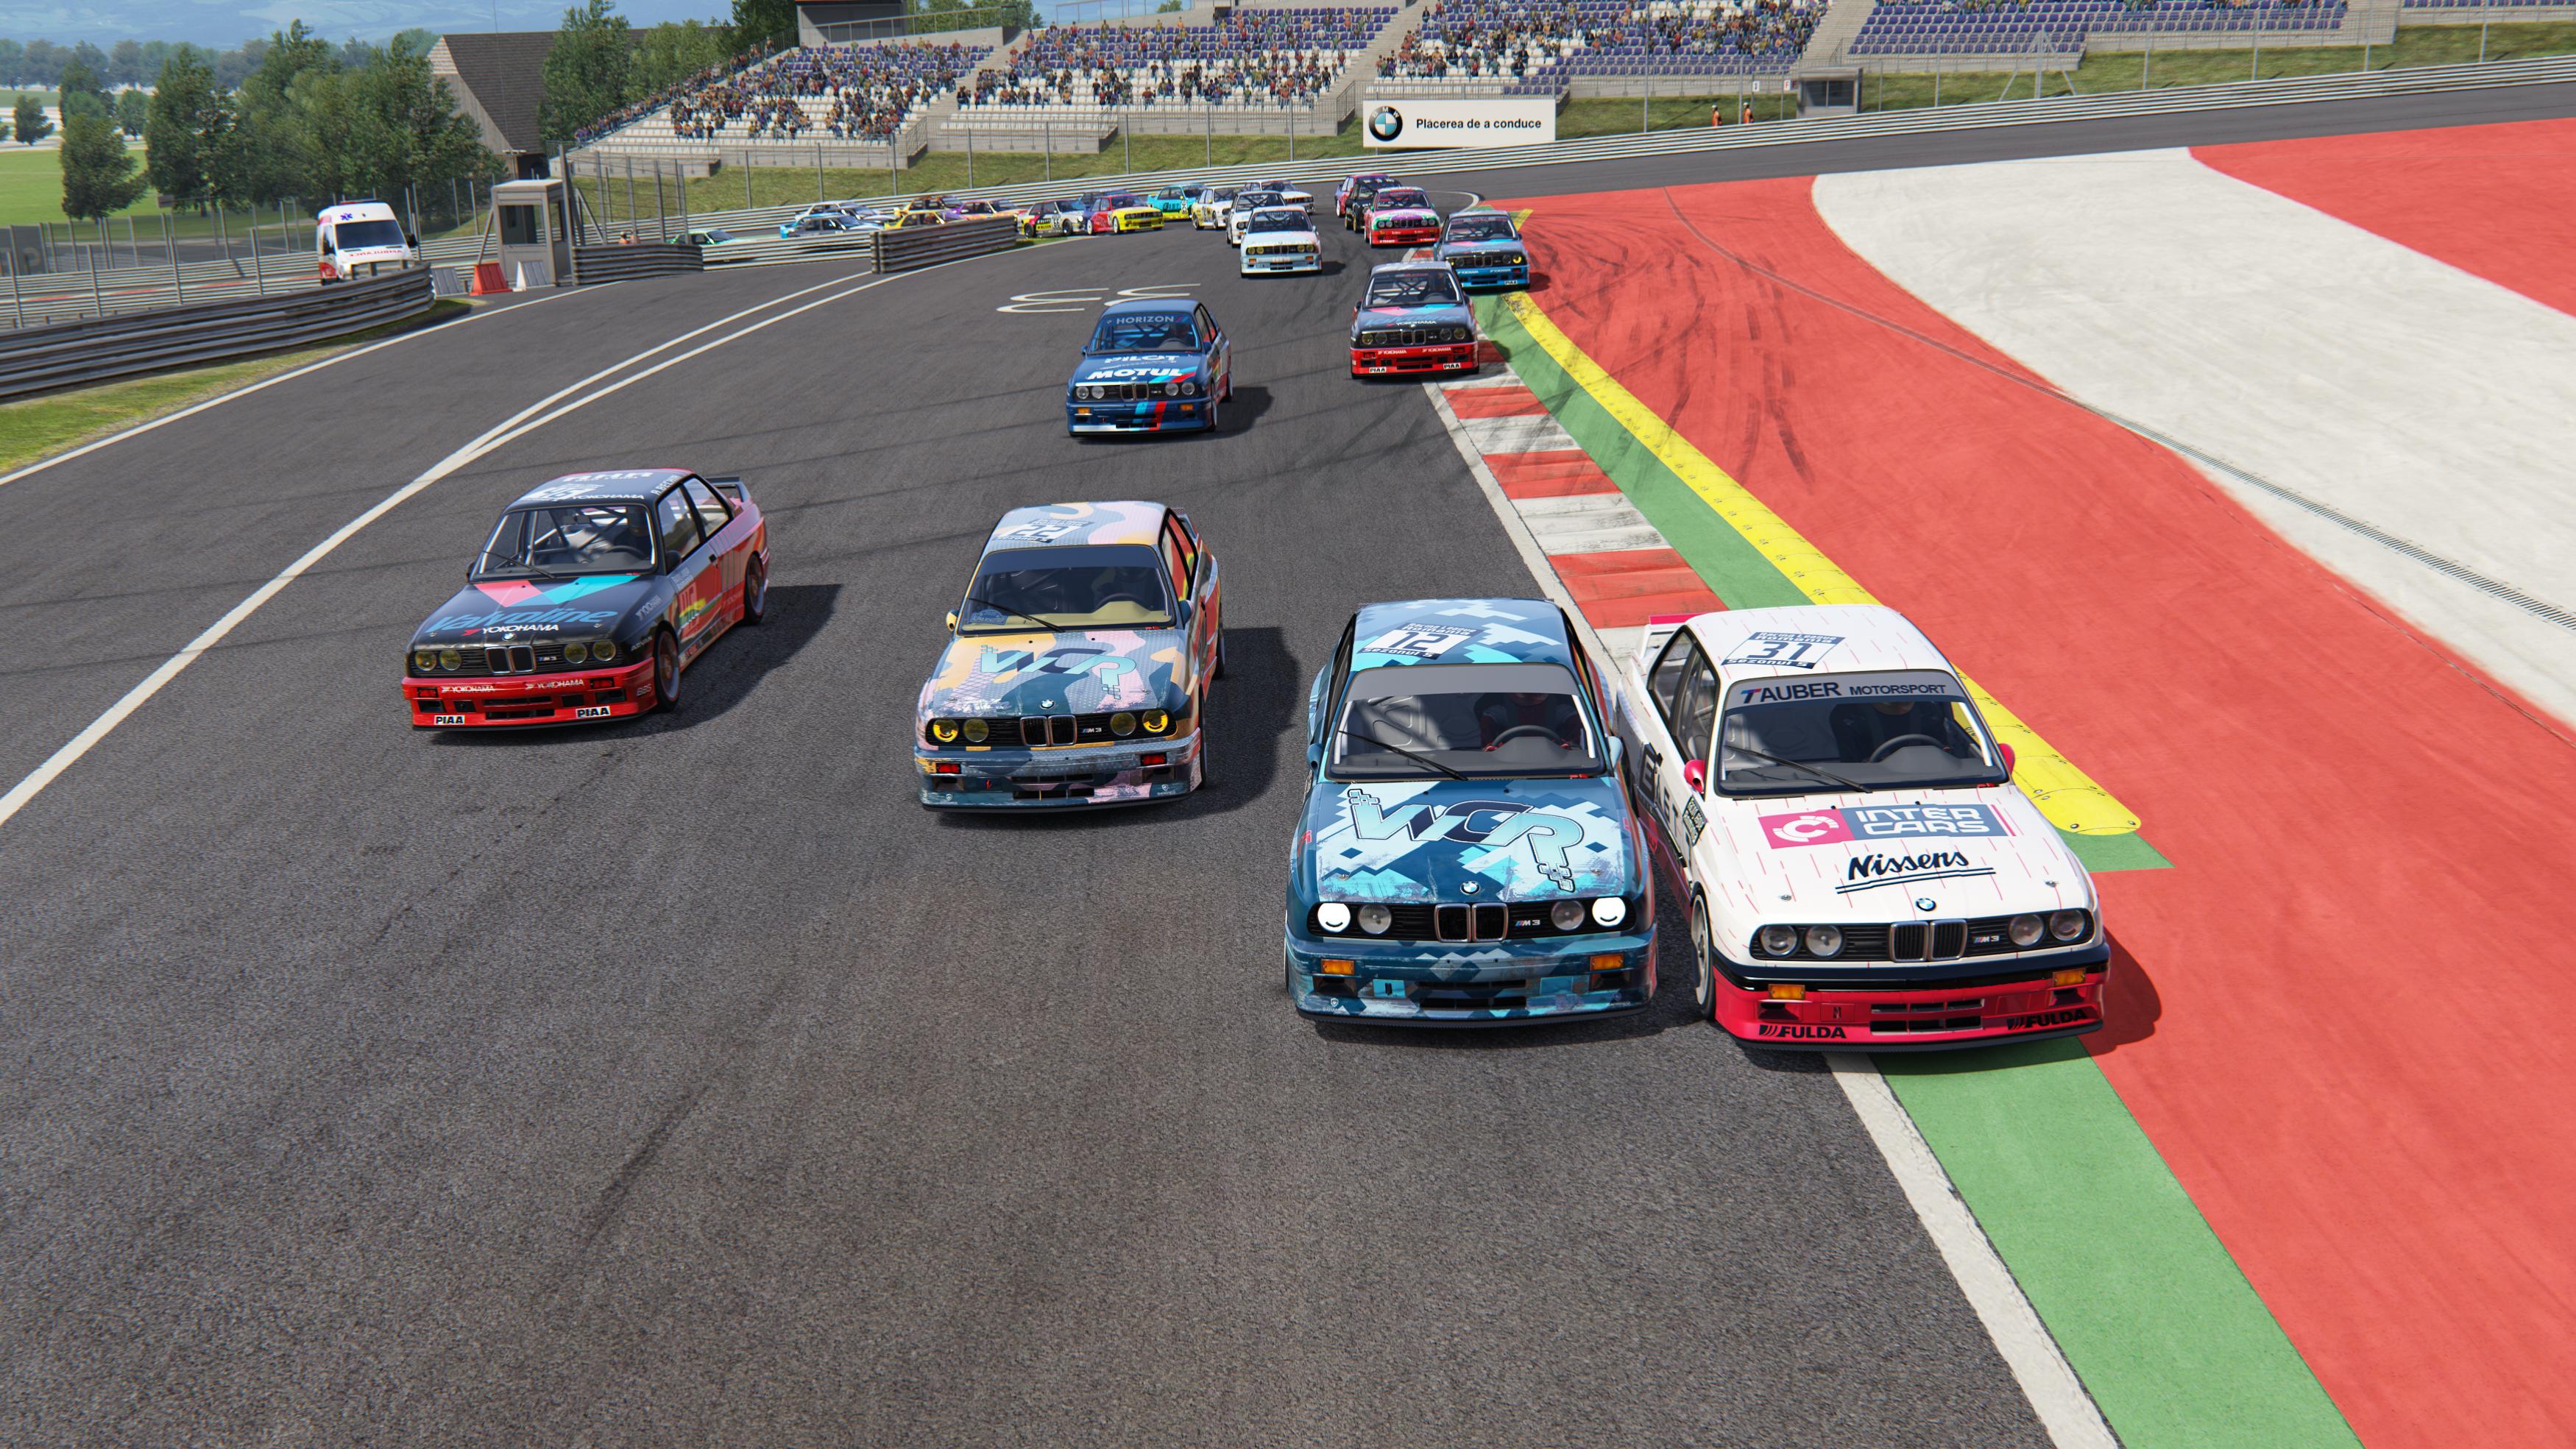 Racing League Romania debuteaza cu record de participare. Peste 80 de piloti inscrisi la cel mai mare campionat de sim racing din Romania